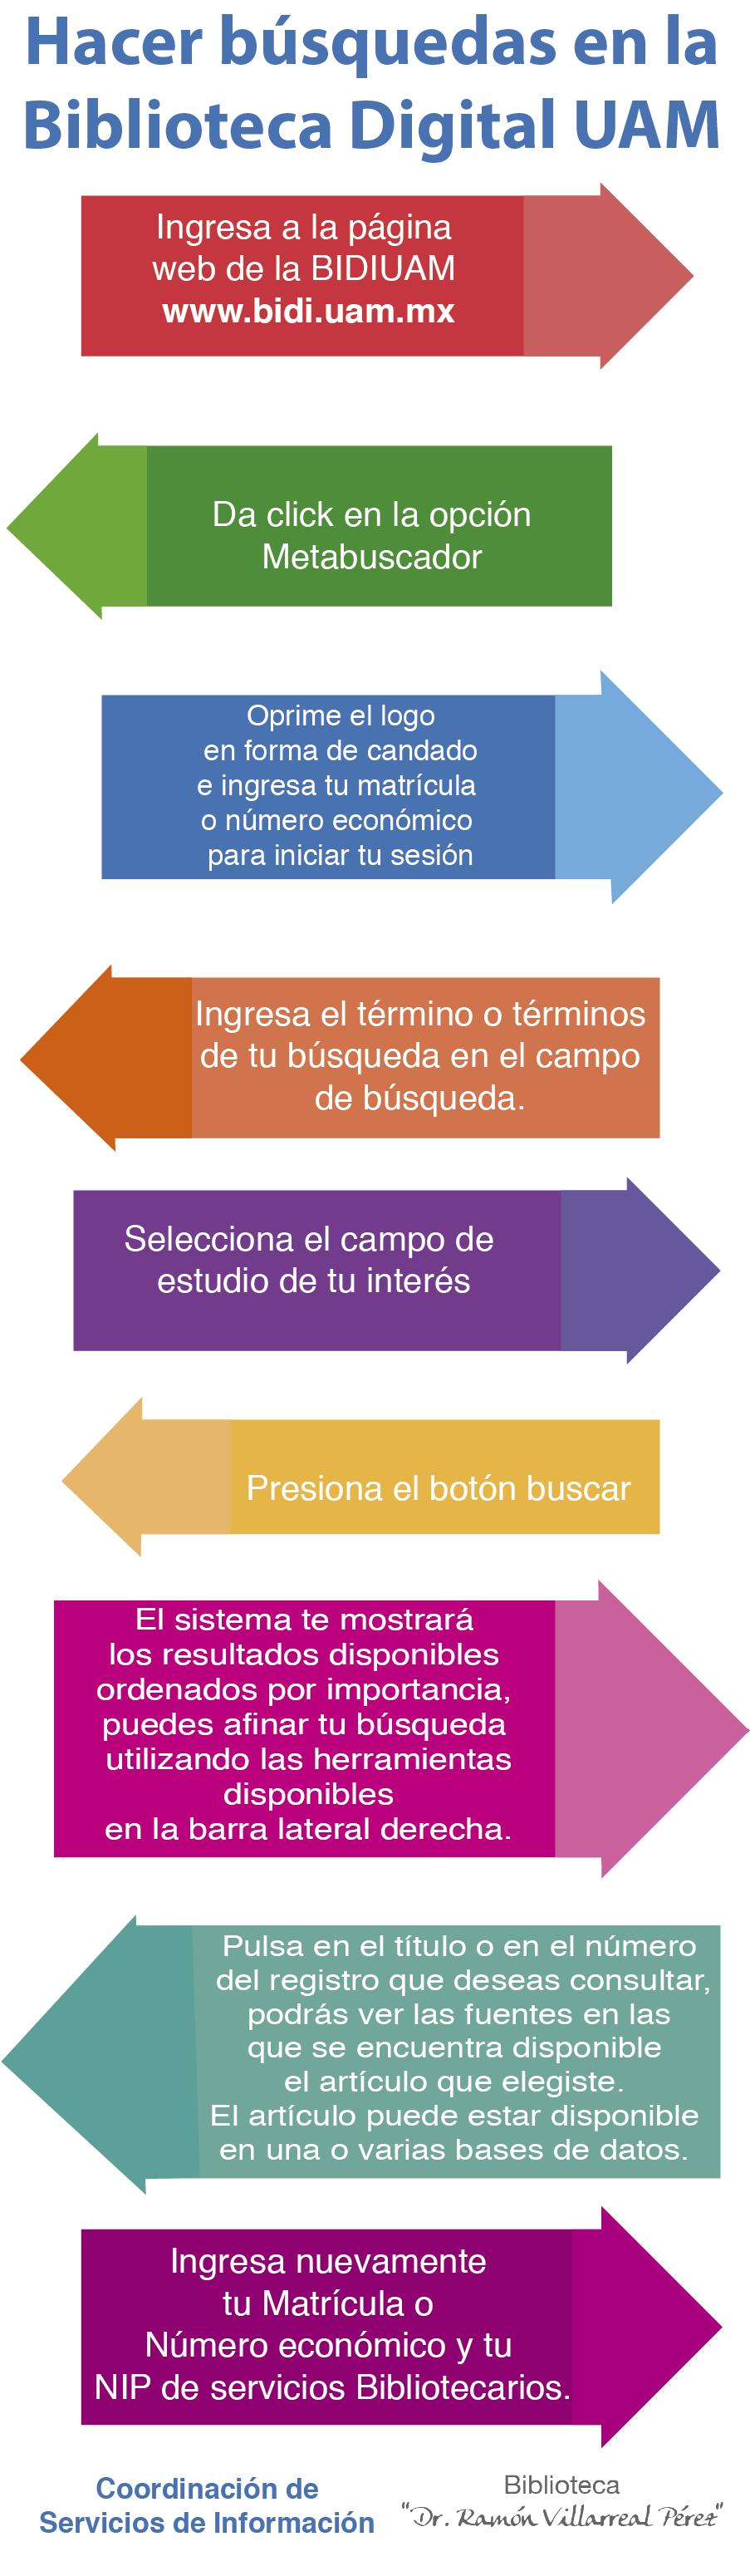 Ingresa a www.bidi.uam.mx